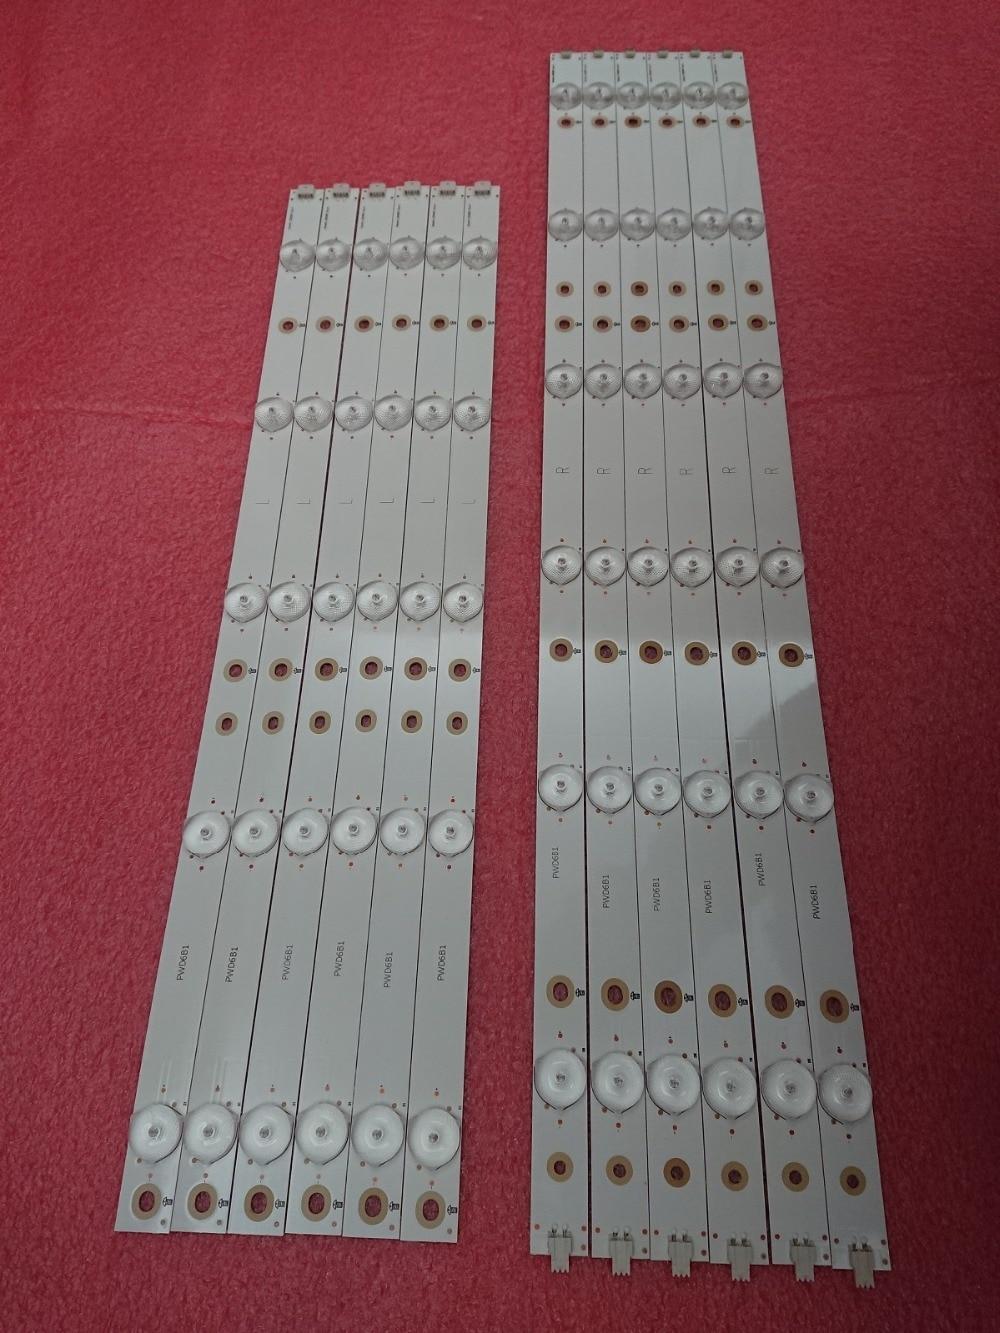 New 12 PCS/set LED Backlight Strip For 50PFK4509 TPT500J1-LE8 50PFH5300 50pfk4009 500TT26 500TT25 V5 500TT56 500TT55 V0